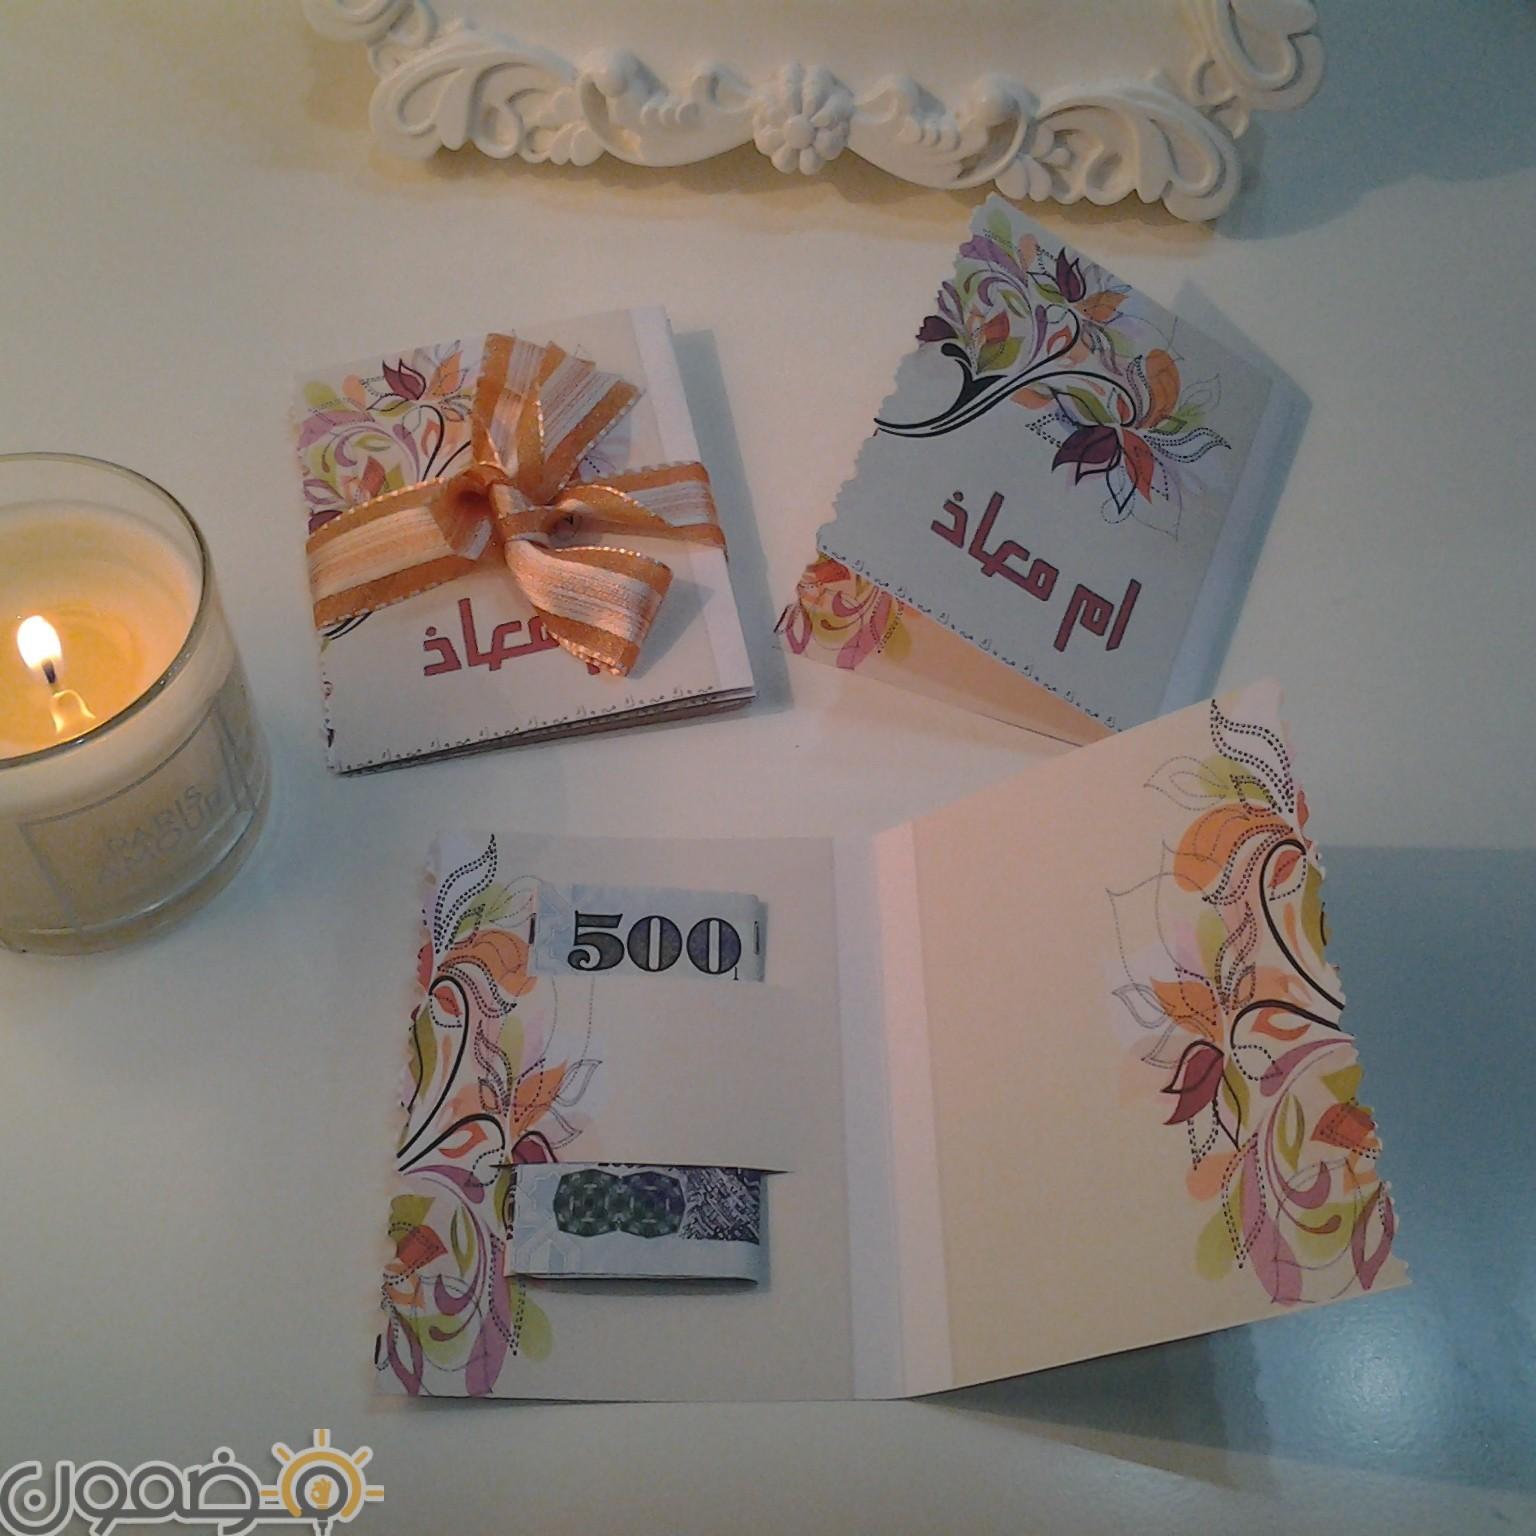 صور عيدية العيد فلوس 10 صور عيدية العيد فلوس للفيس بوك